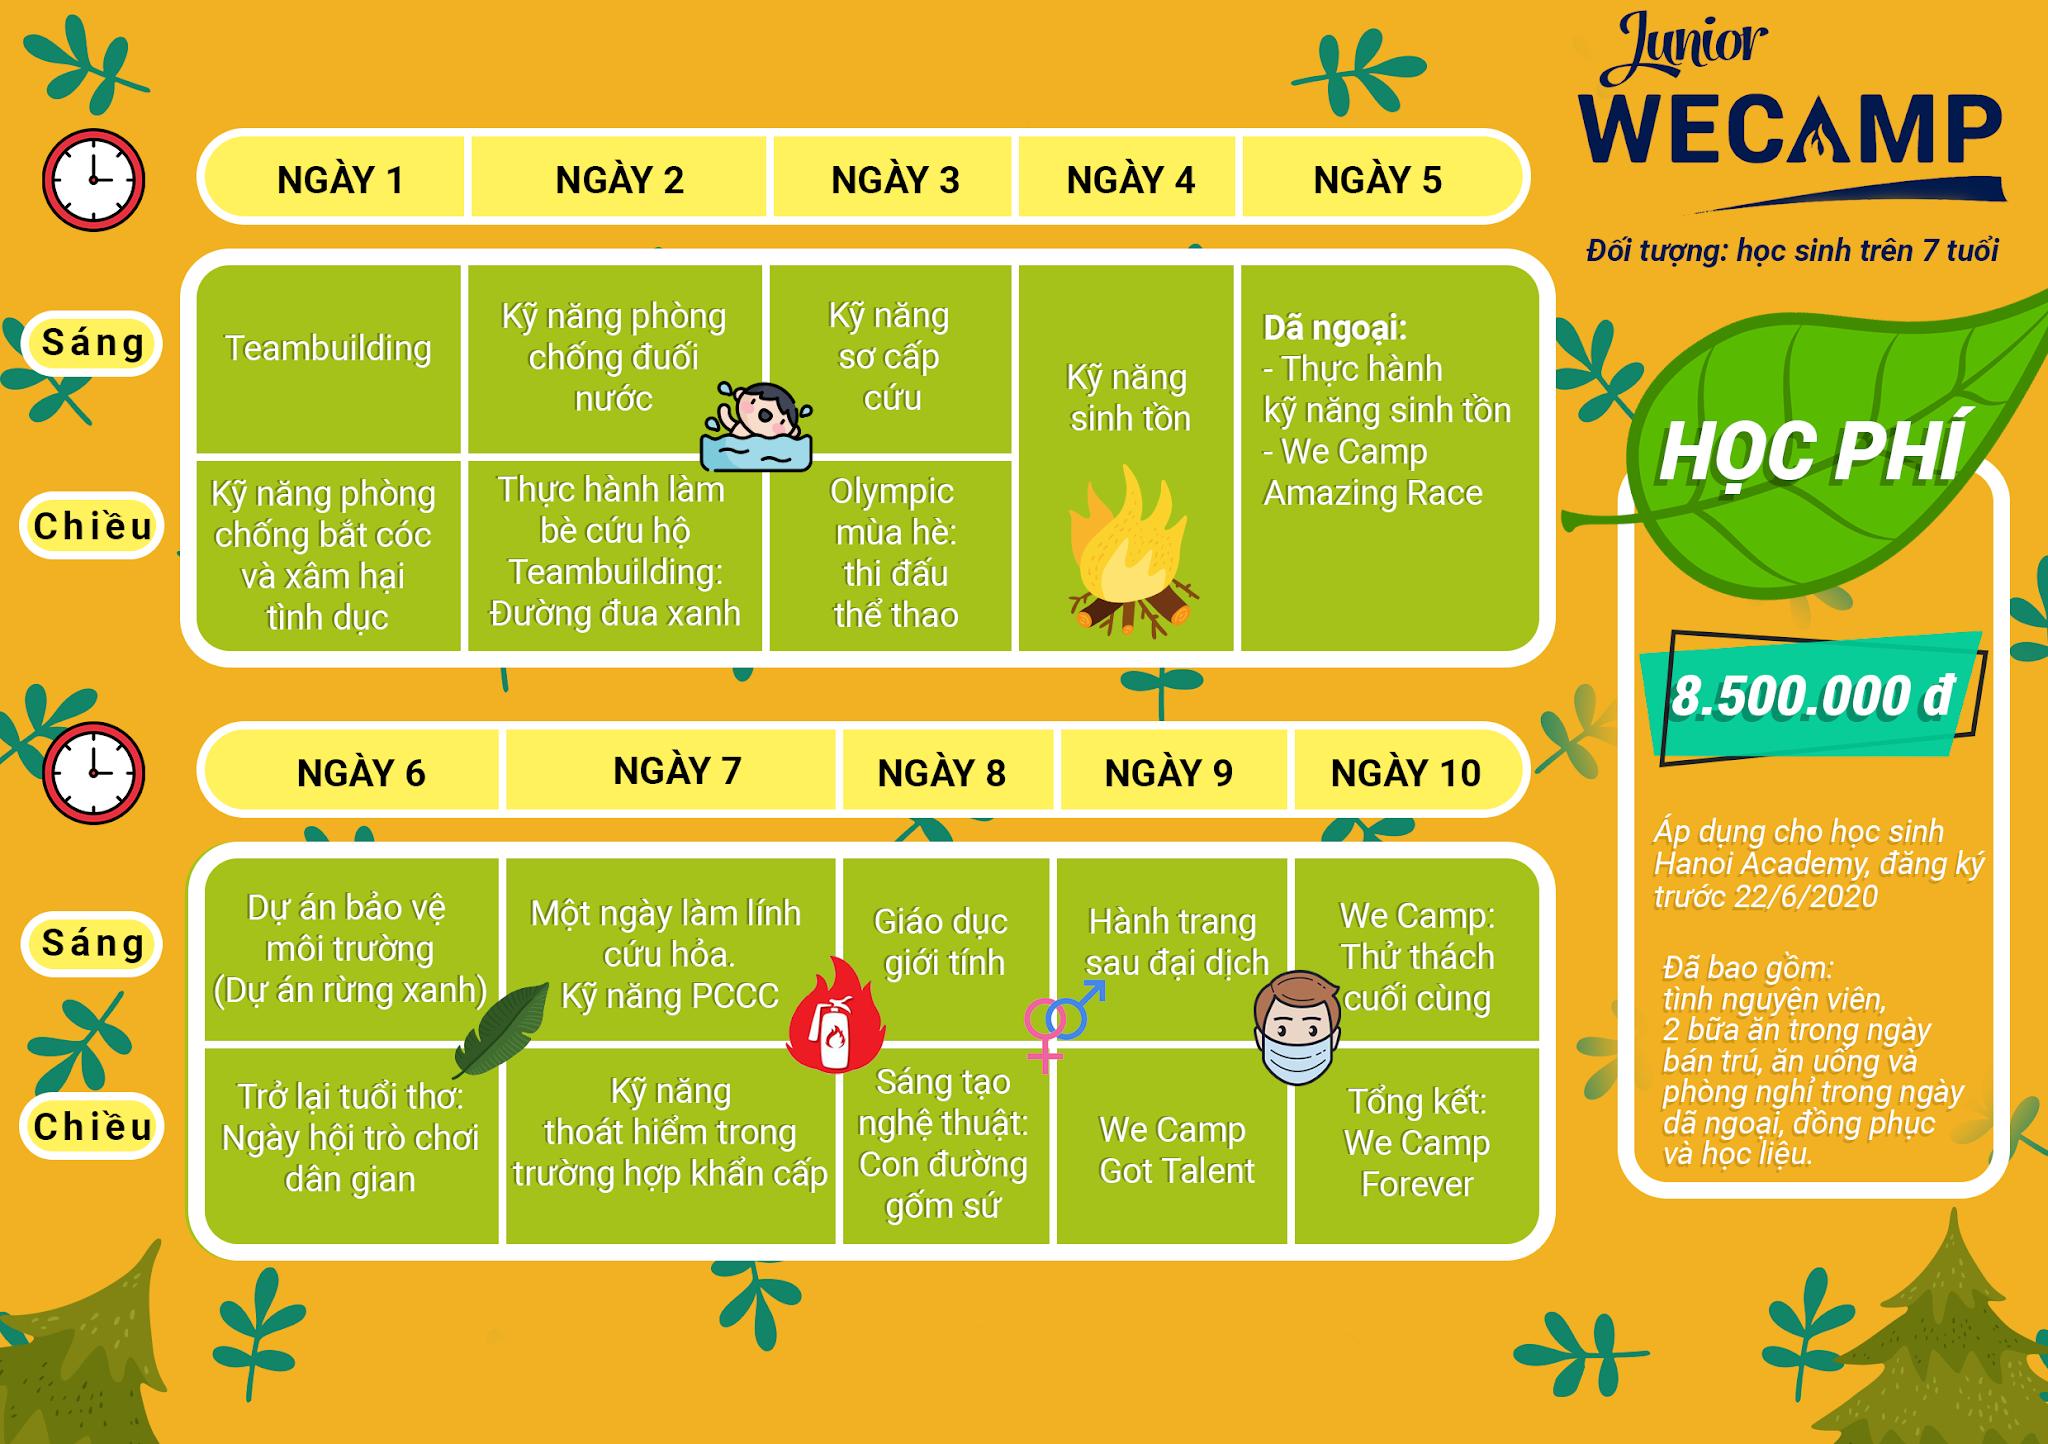 """Chương trình trại hè """"WE CAMP"""" Hanoi Academy Thư ngỏ về chương trình trại hè """"WE CAMP"""" Hanoi Academy"""